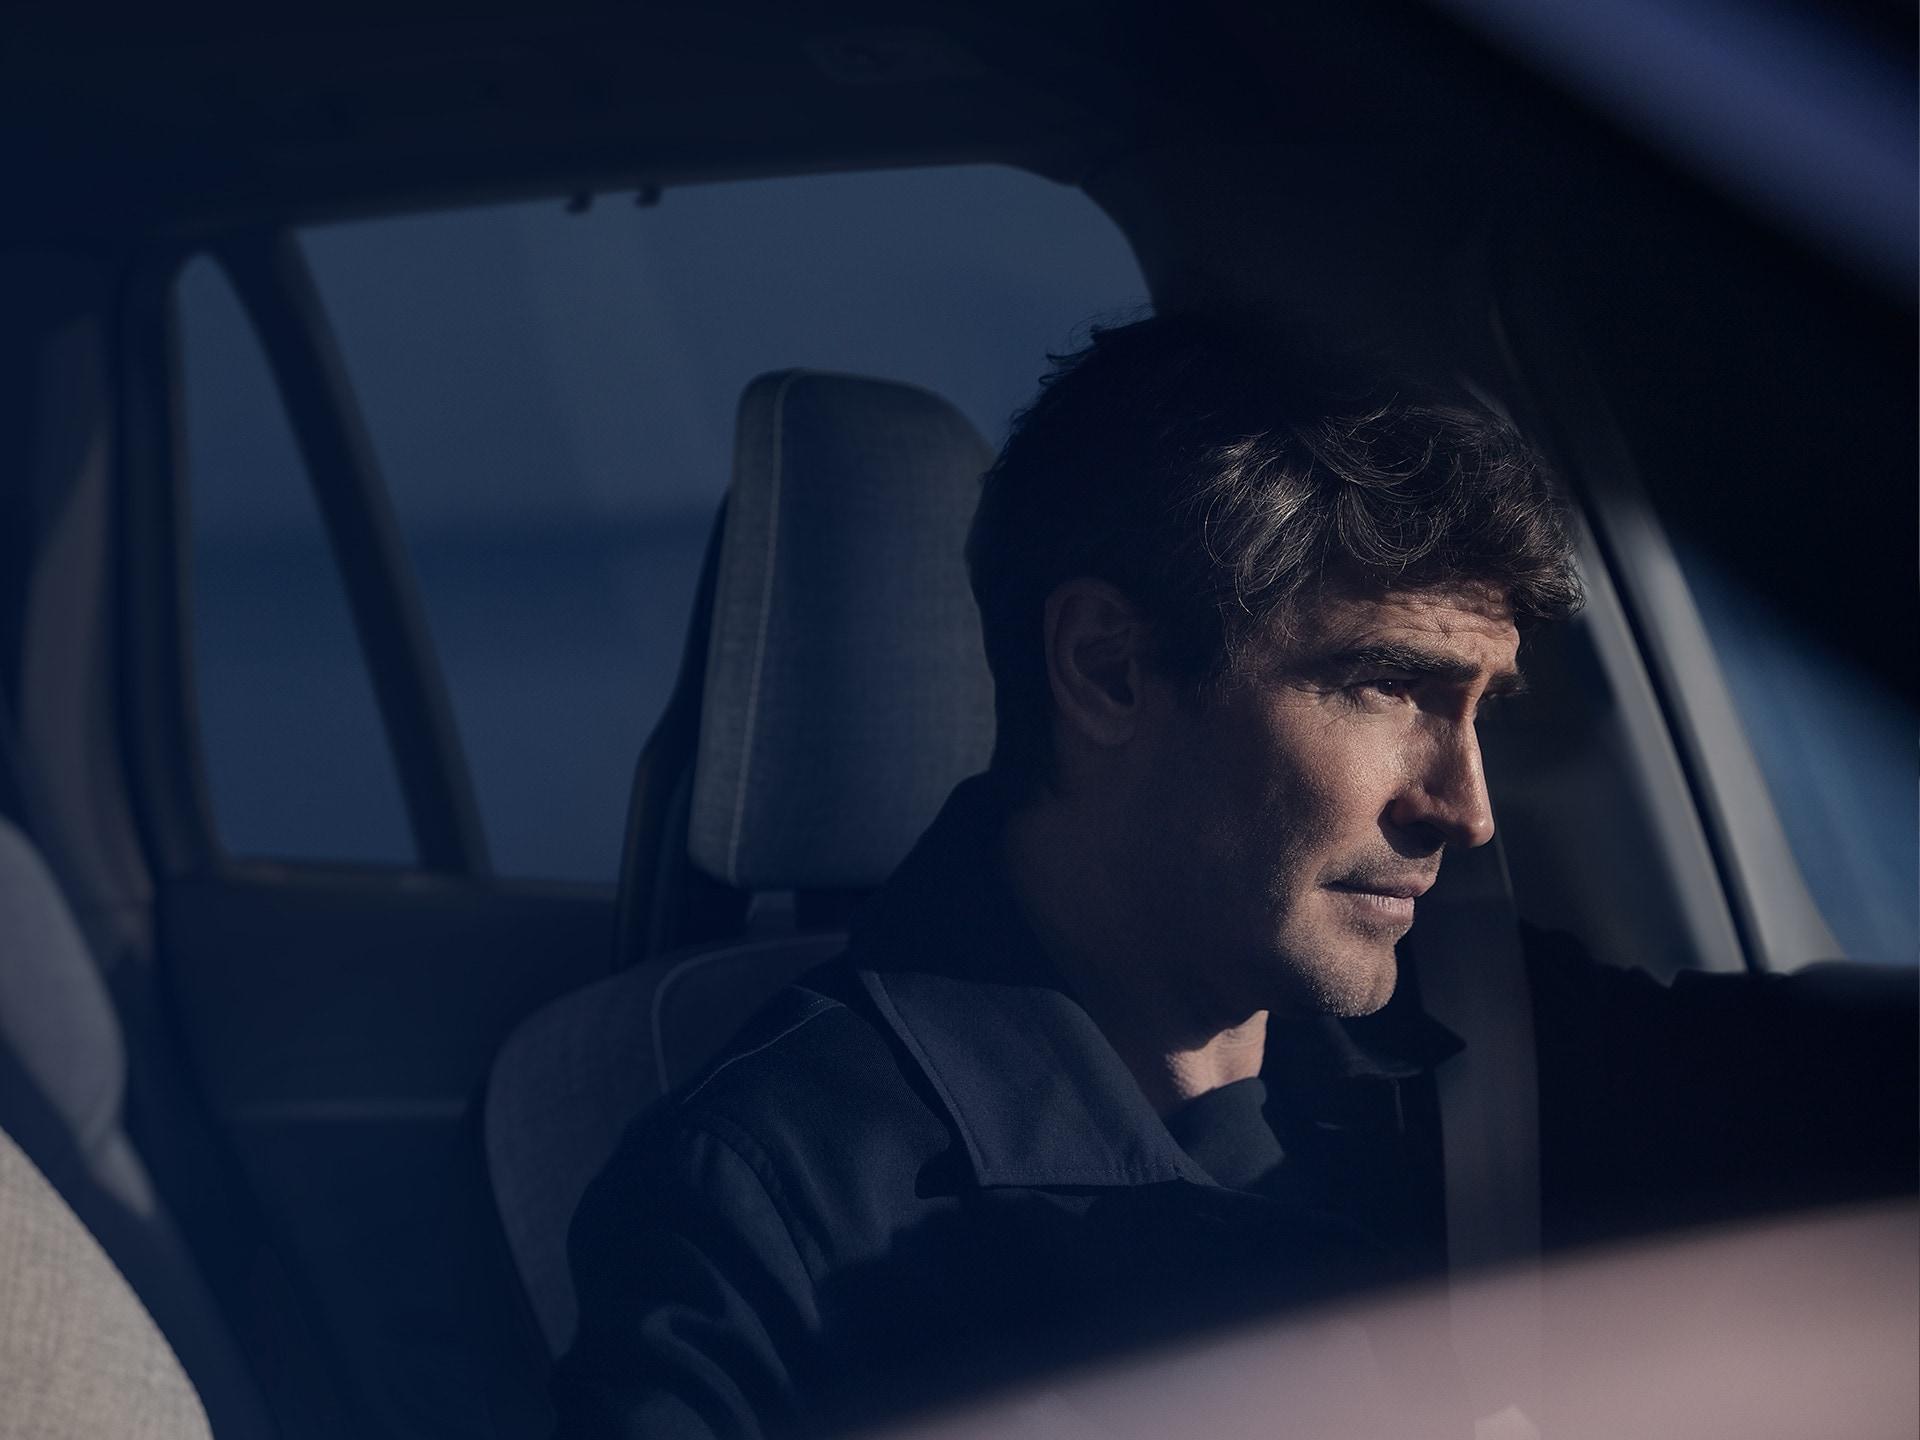 Homme aux cheveux bruns assis dans un SUV Volvo XC90 Recharge profitant du soleil